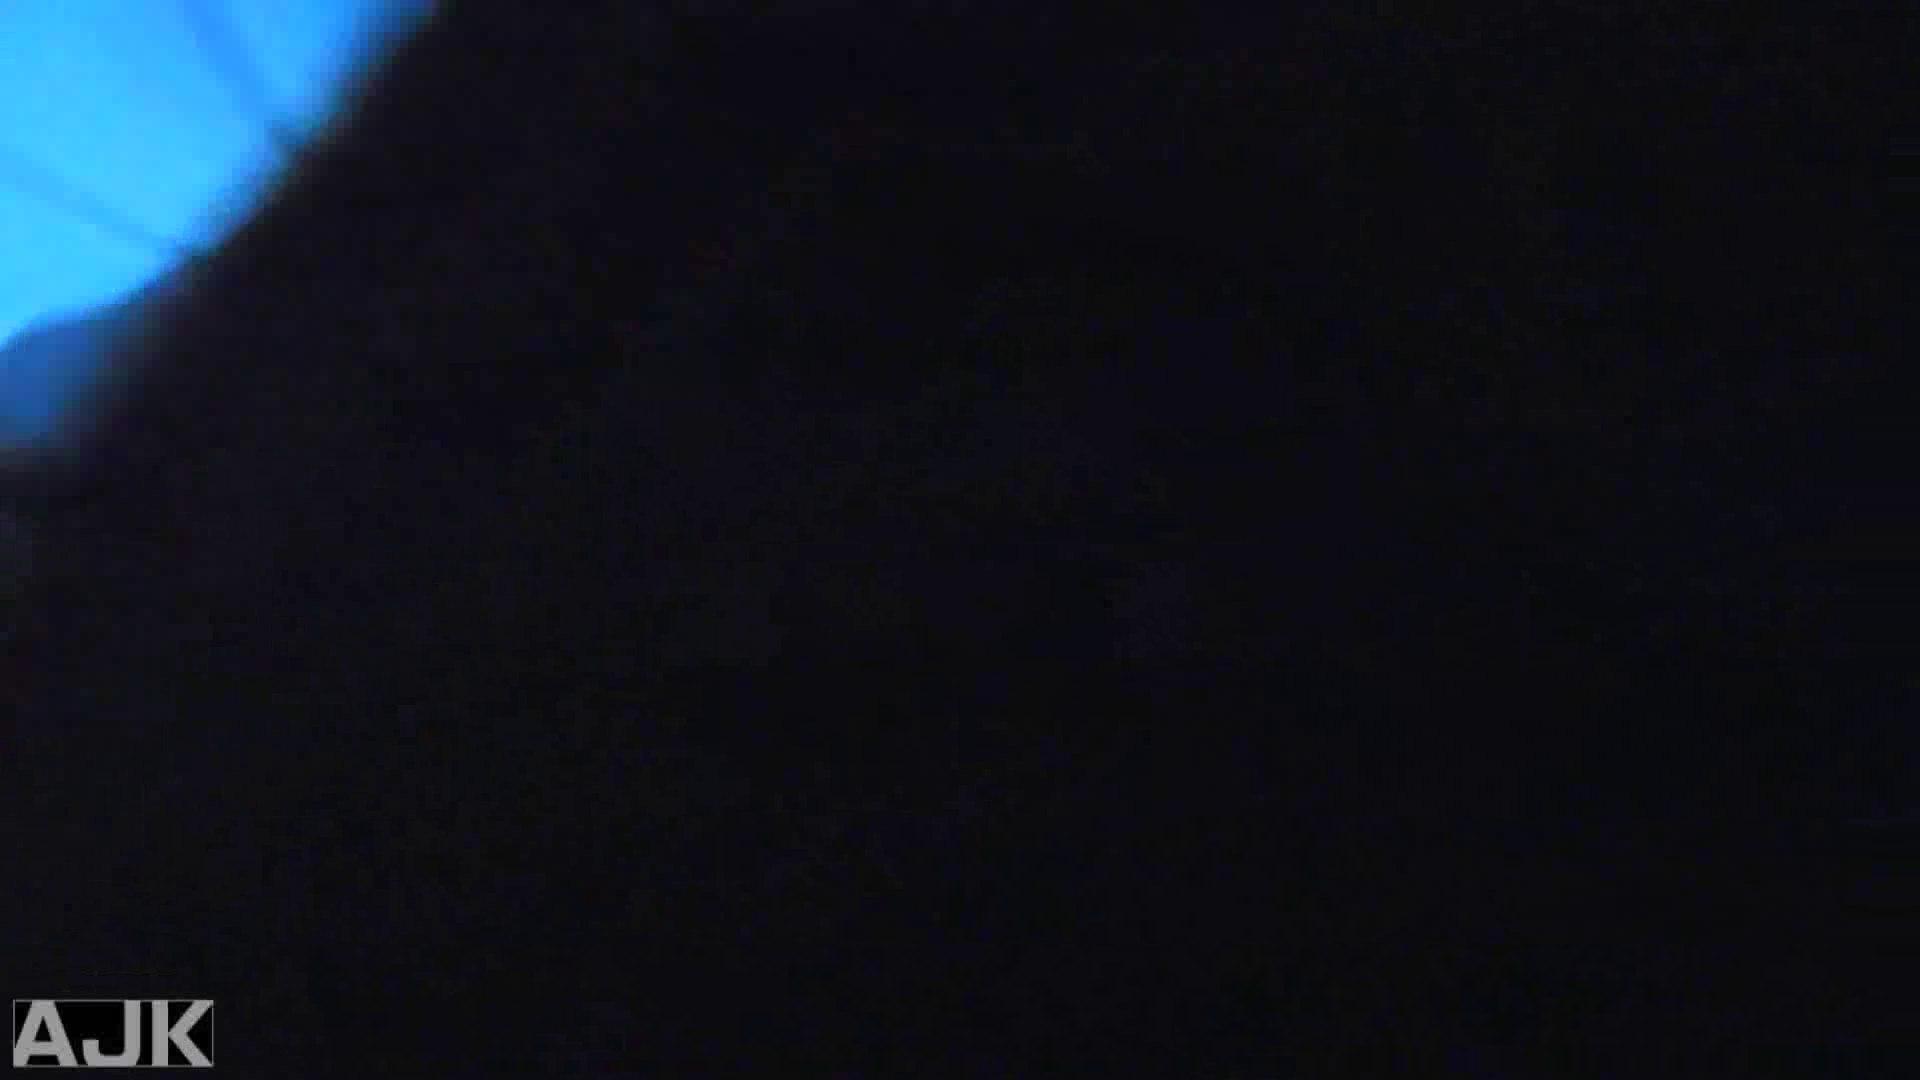 神降臨!史上最強の潜入かわや! vol.22 マンコ 盗み撮り動画キャプチャ 98連発 18